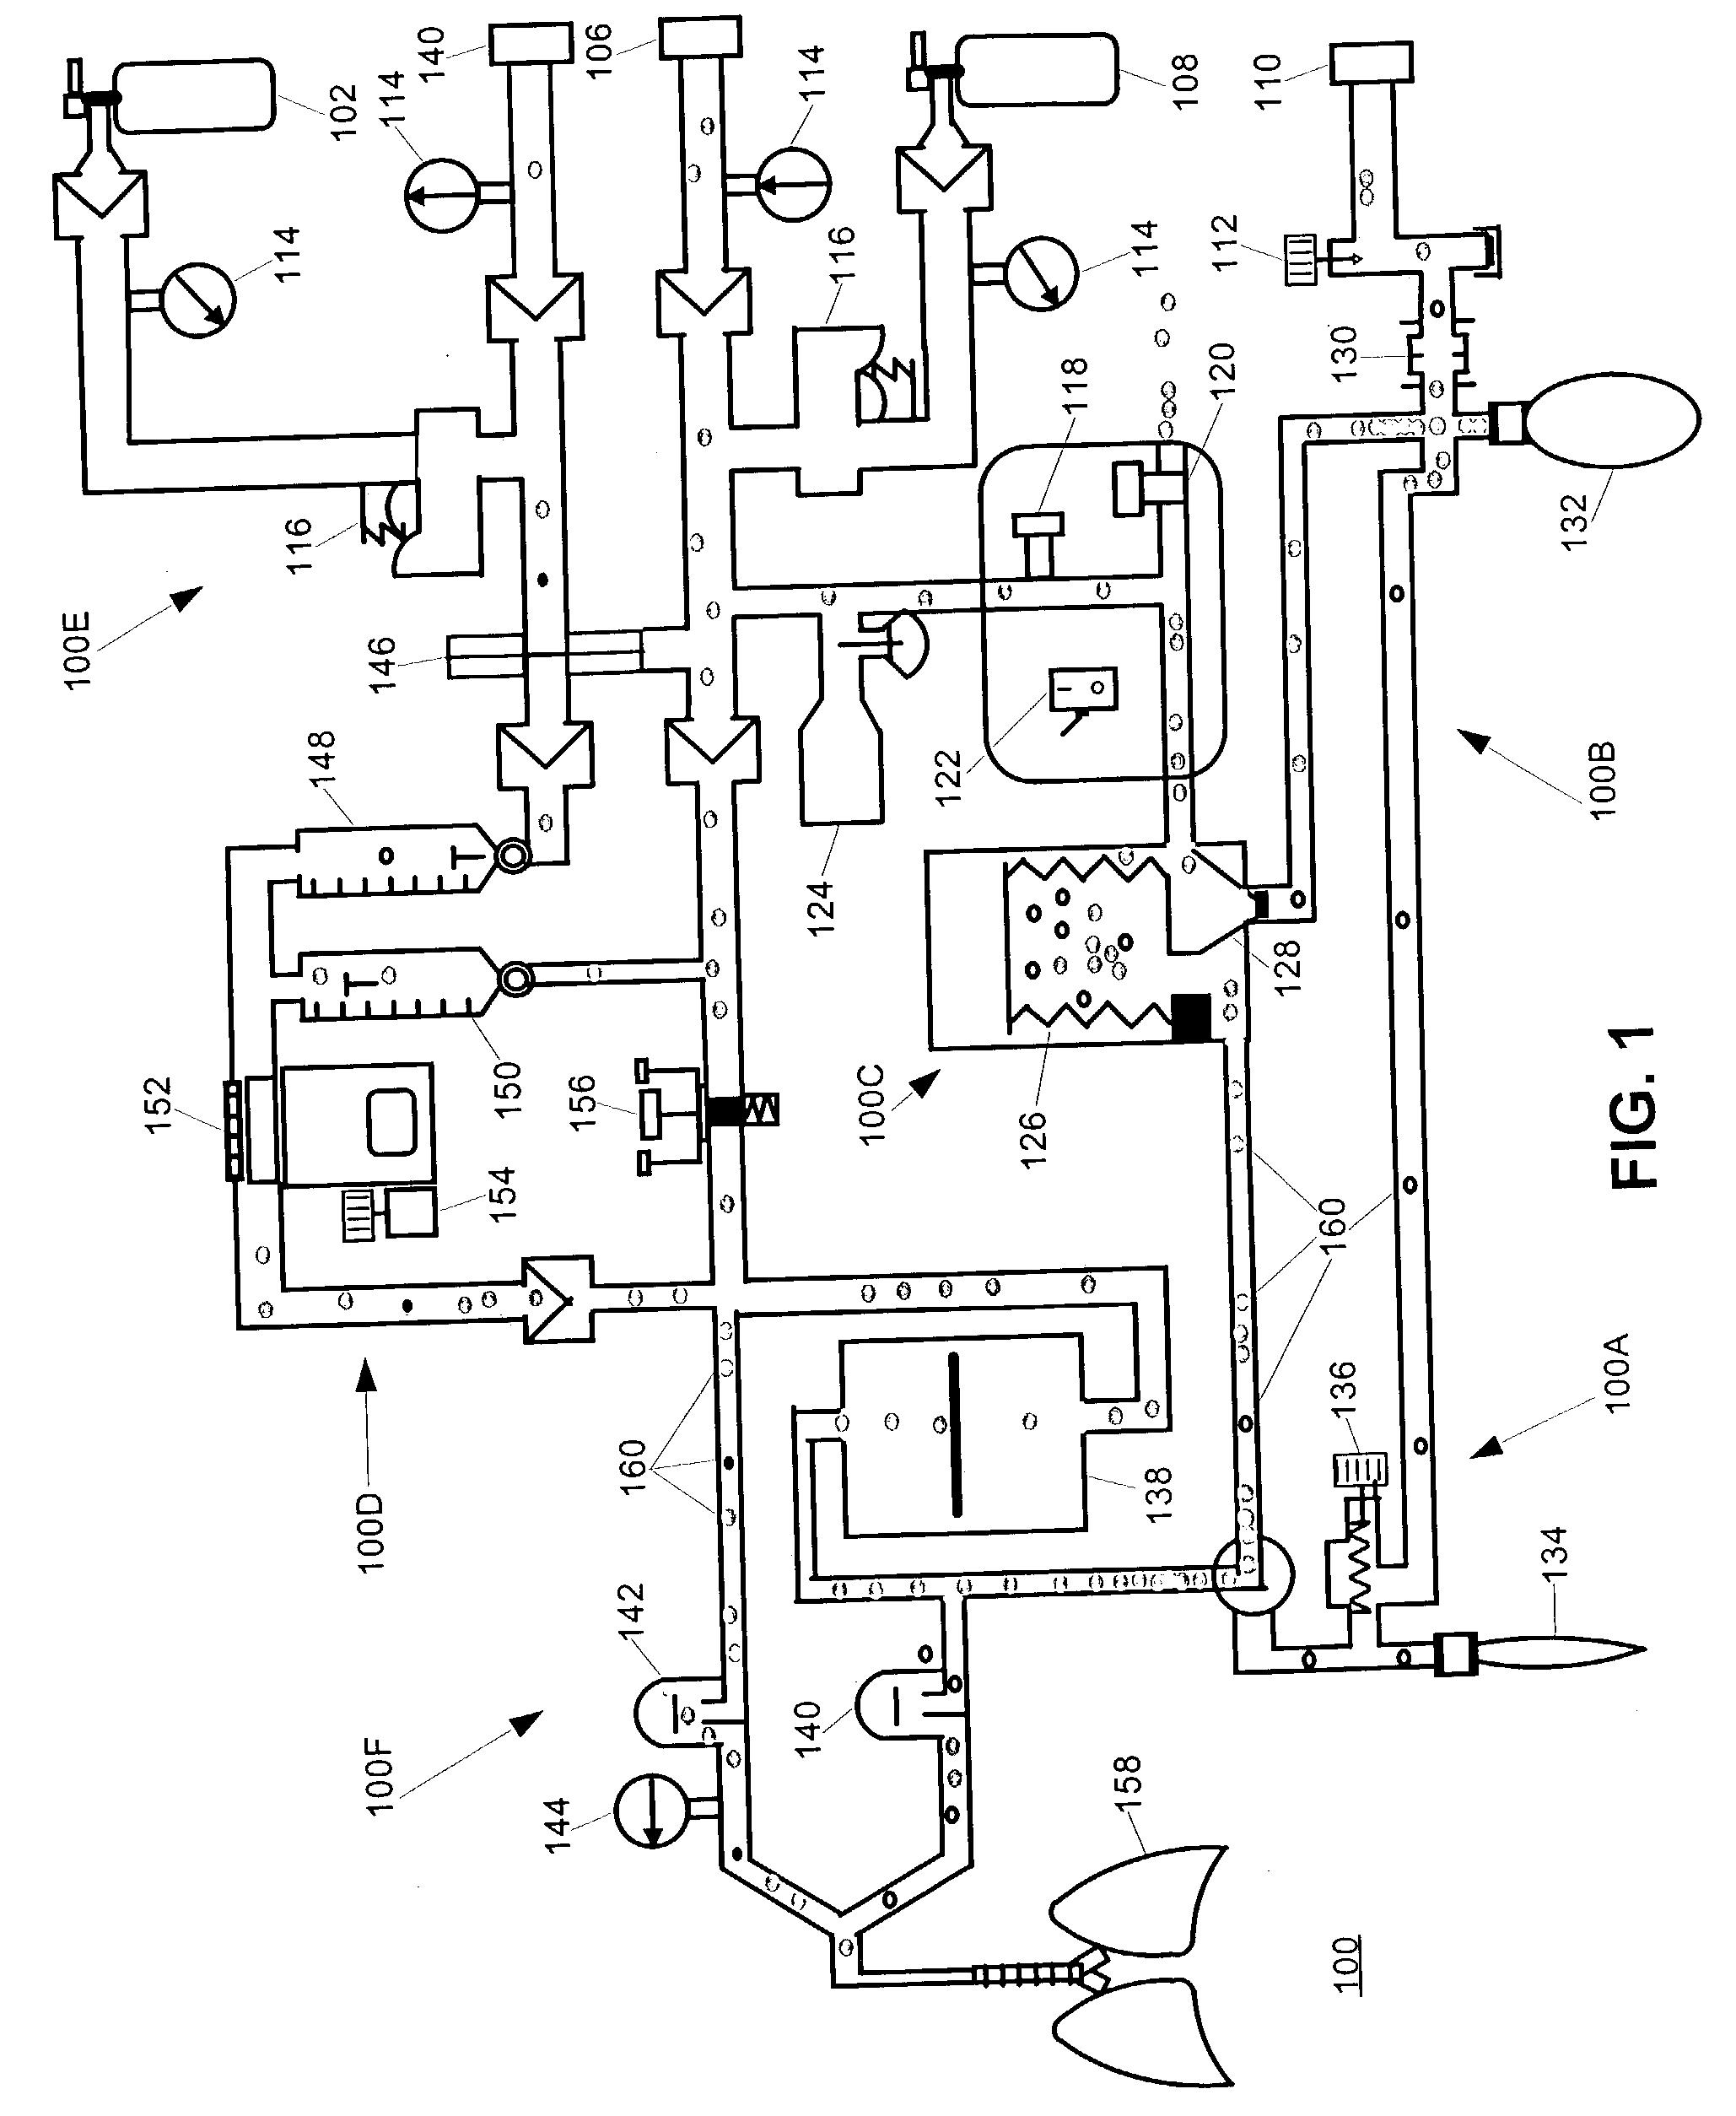 patent us20030233049